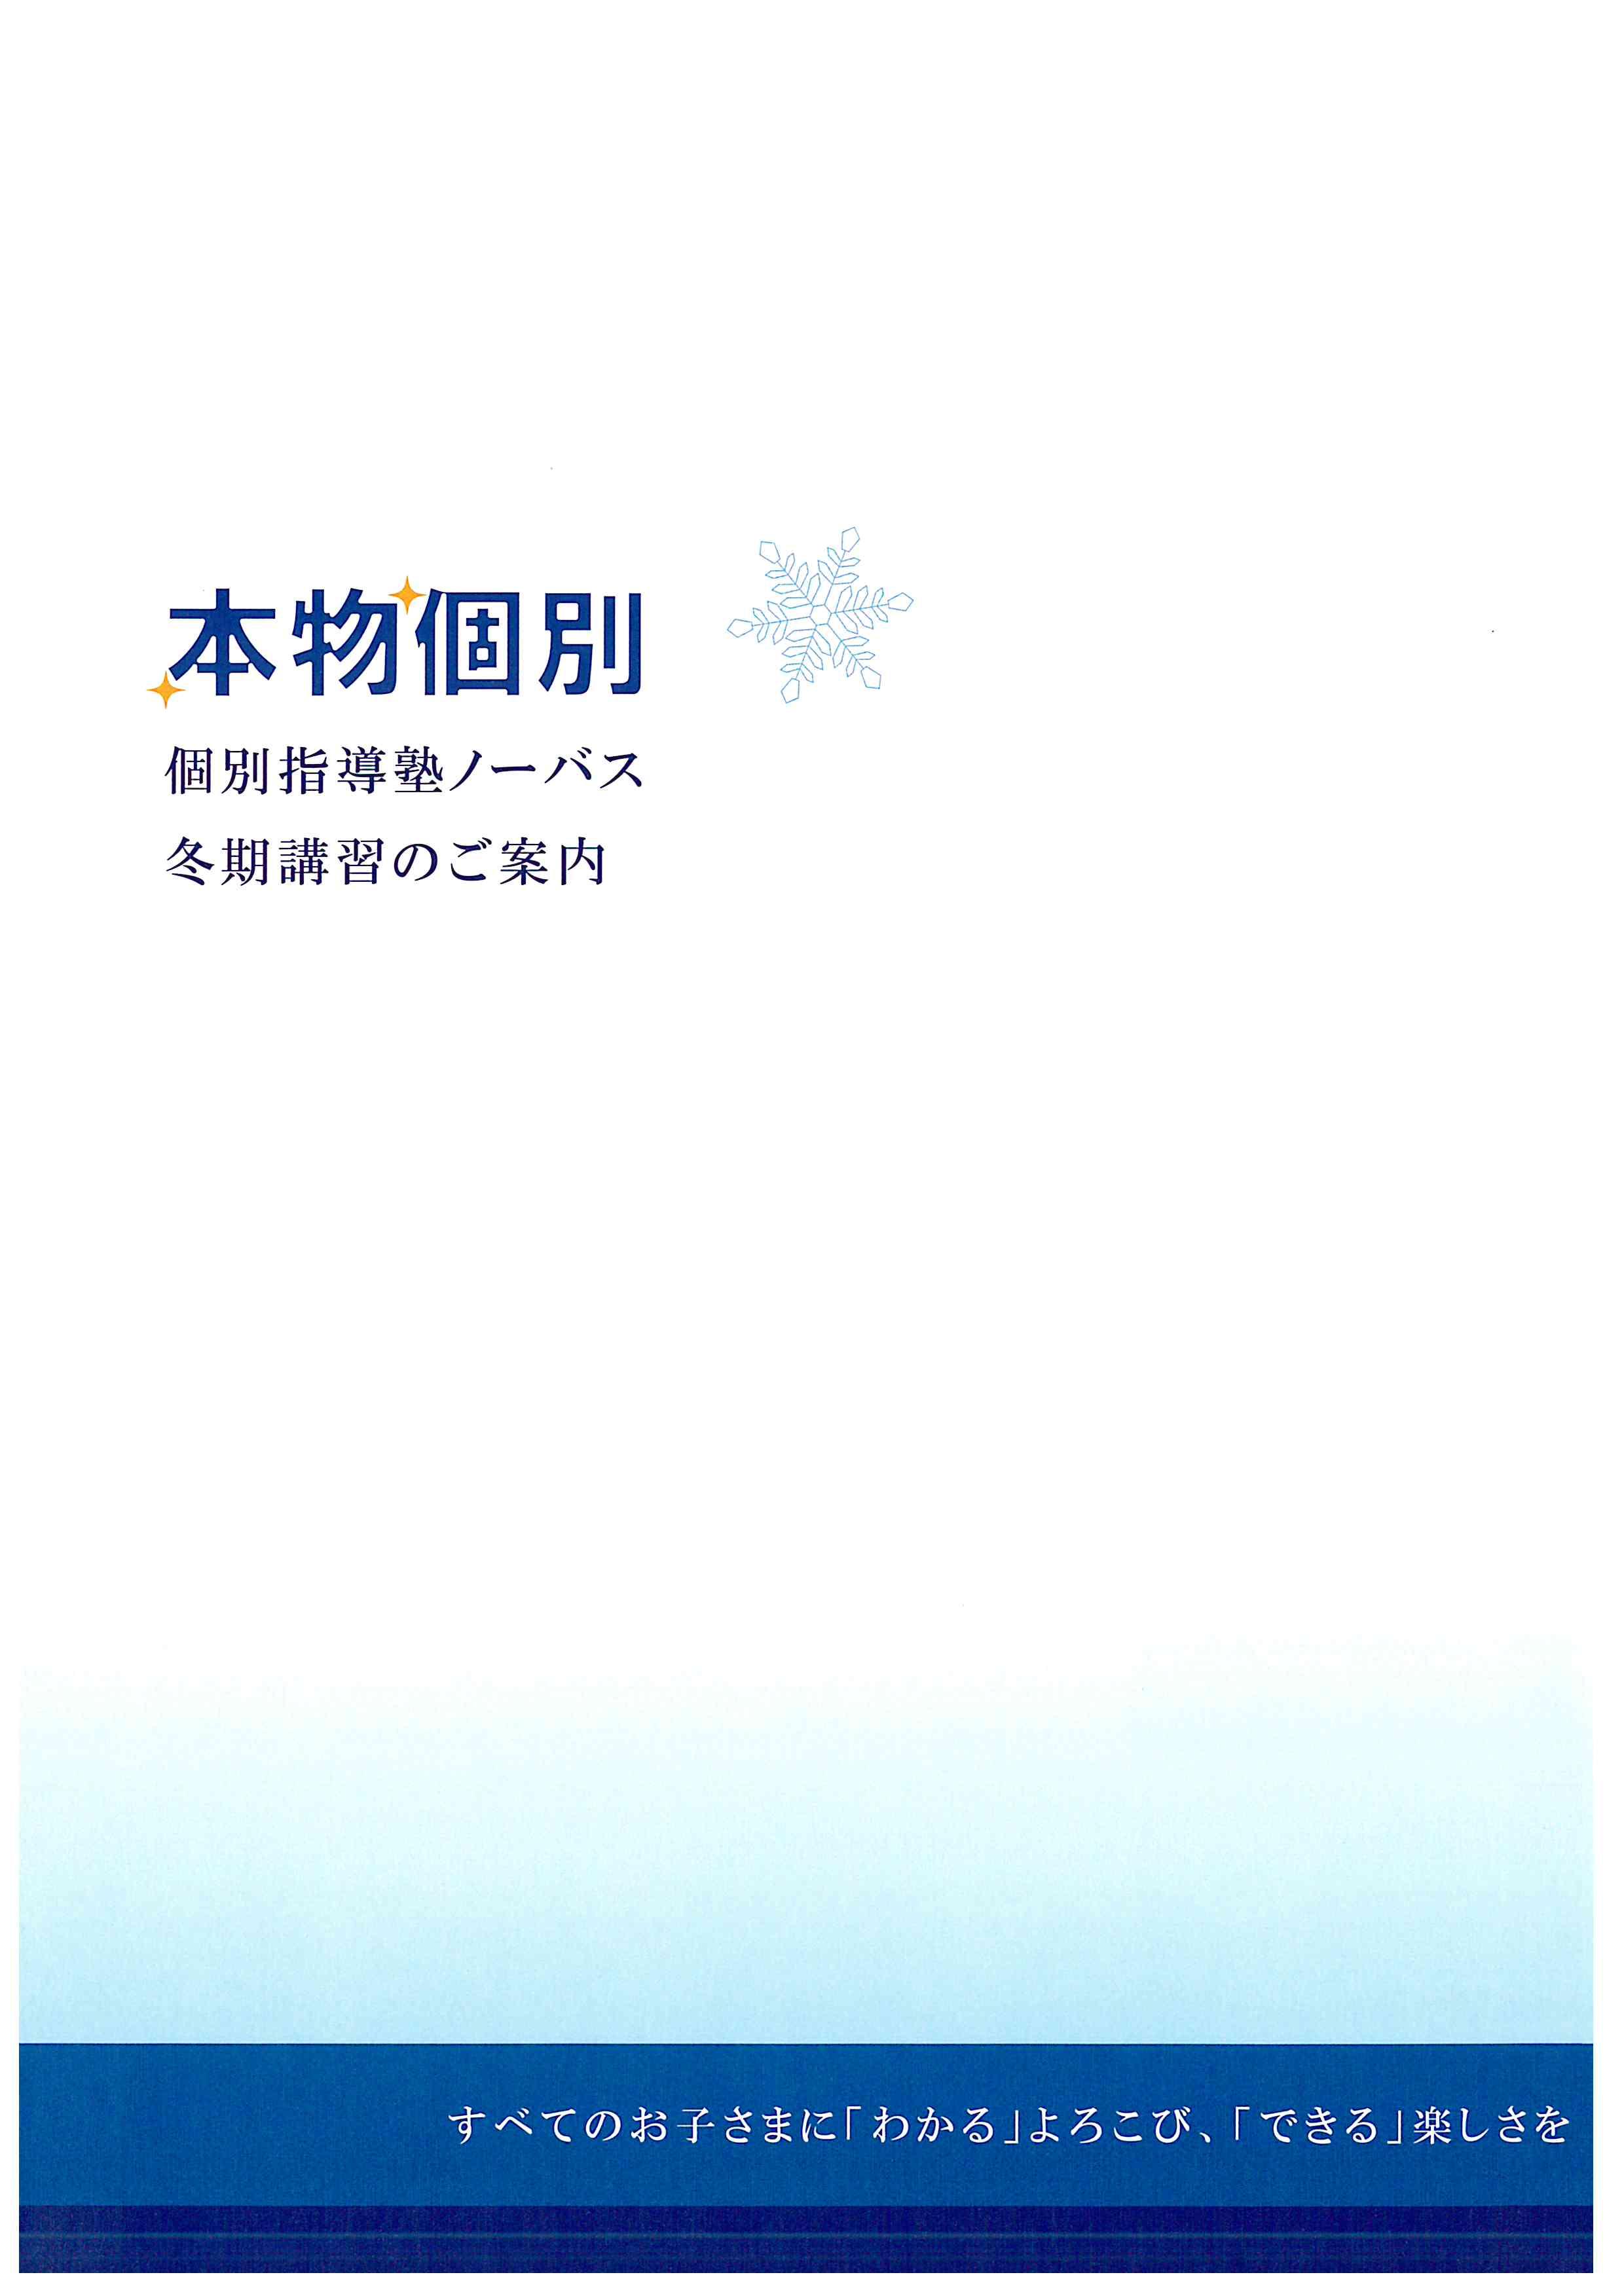 中3冬期集団講習会のお知らせ画像